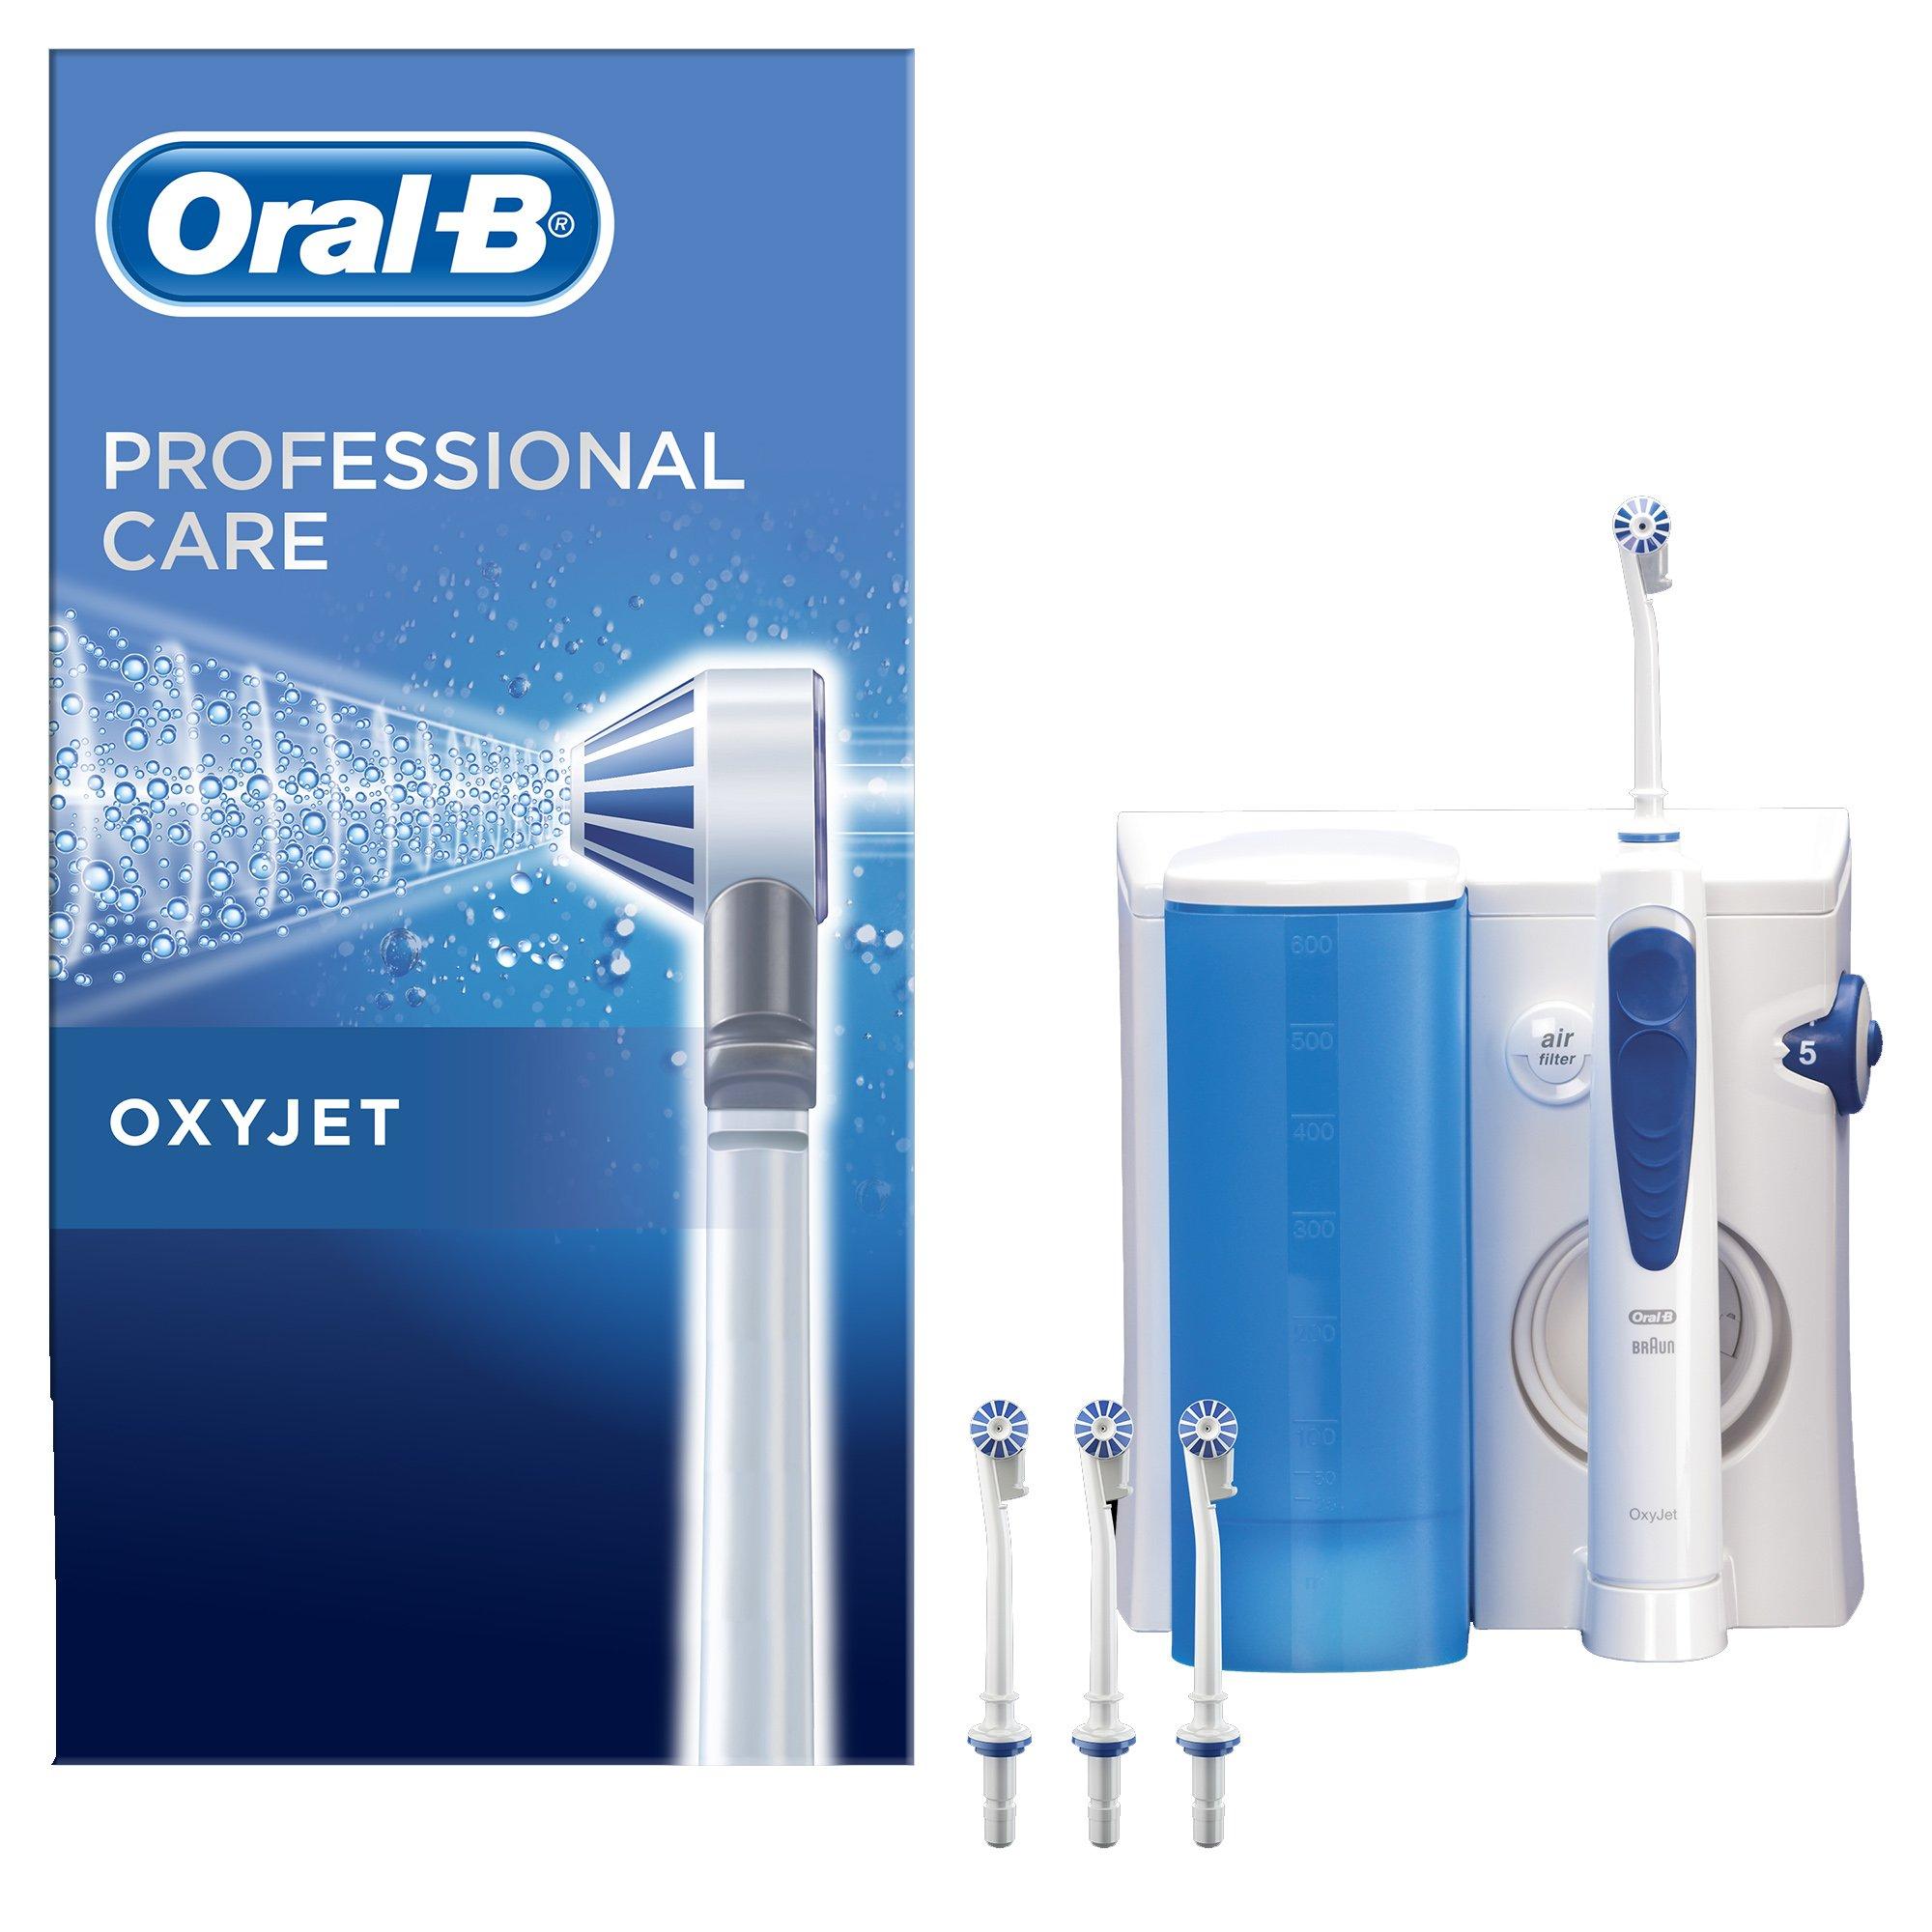 Oral-b Braun Irrigator Profesional Jet Oxyjet Συσκευή Καταιονισμού (Δεν Χρησιμοποιείται ως Ηλεκτρική Οδοντόβουρτσα)